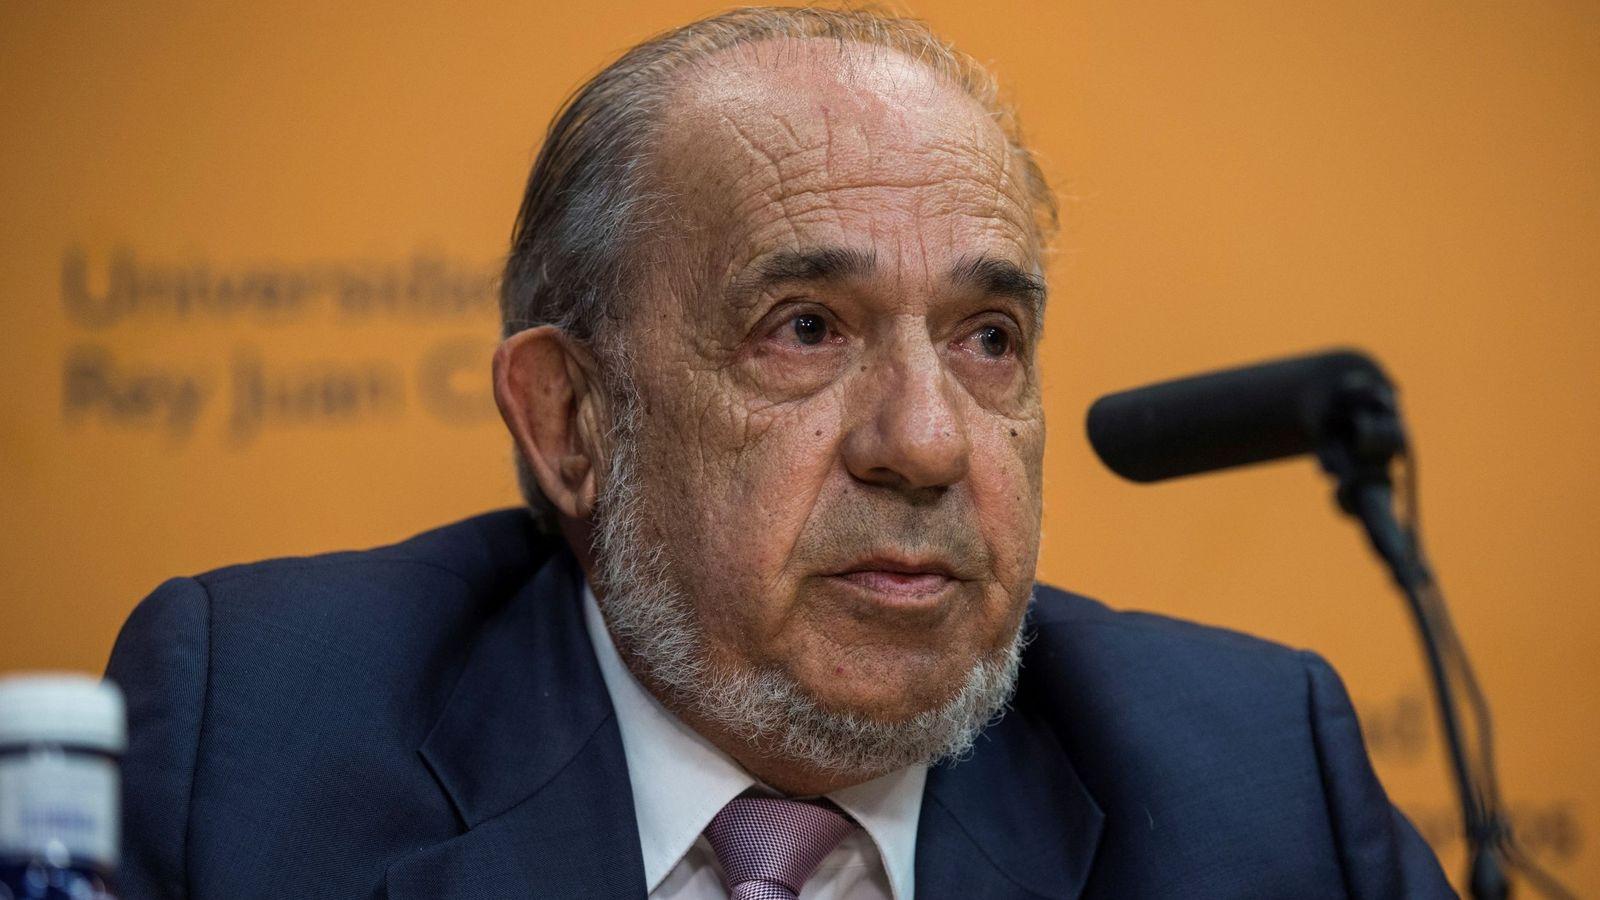 Foto: Enrique Álvarez Conde, director del Instituto de Derecho Público. (EFE)